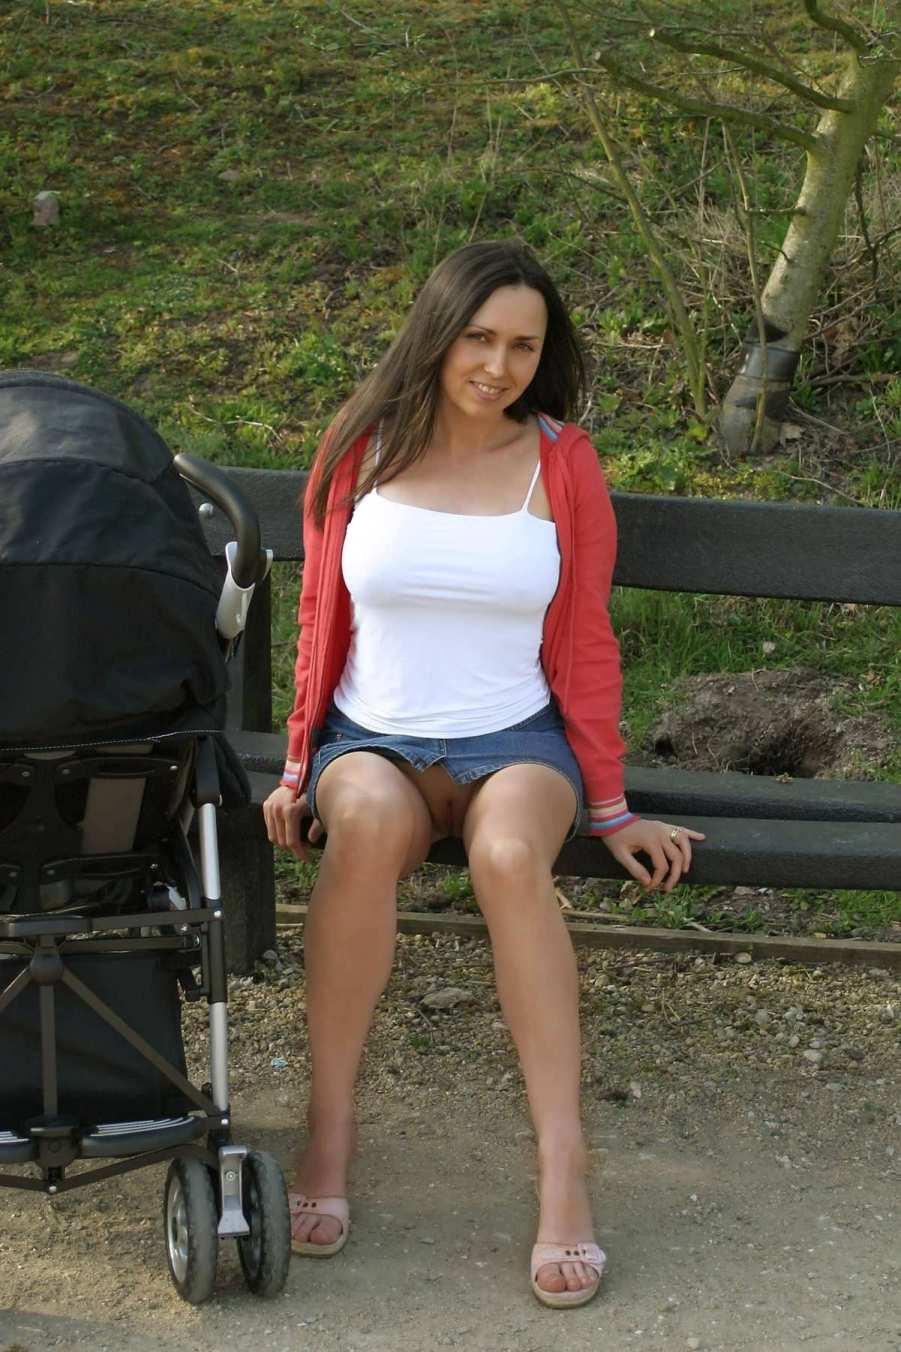 Молодая мама без трусиков фото в хорошем качестве 720 фотоография